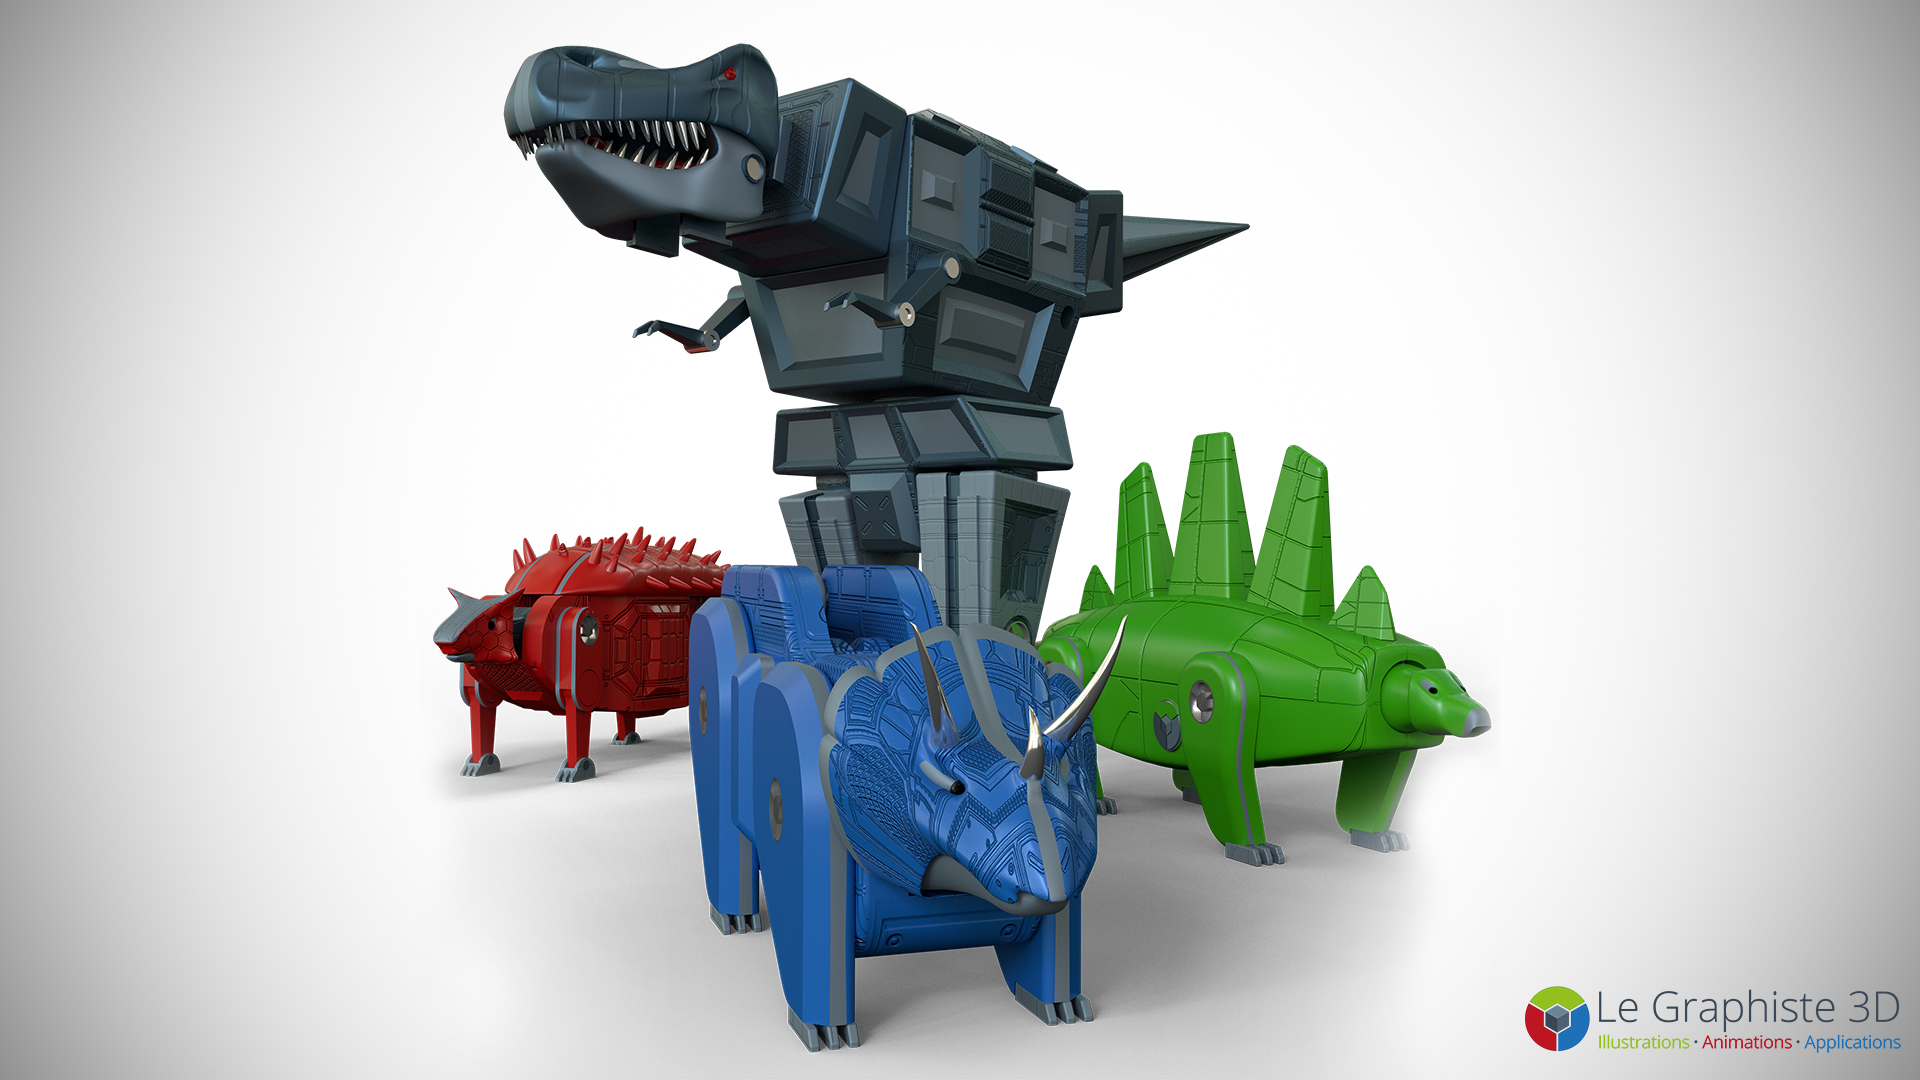 legraphiste3d - Dinosaures - Robot Mégasaure